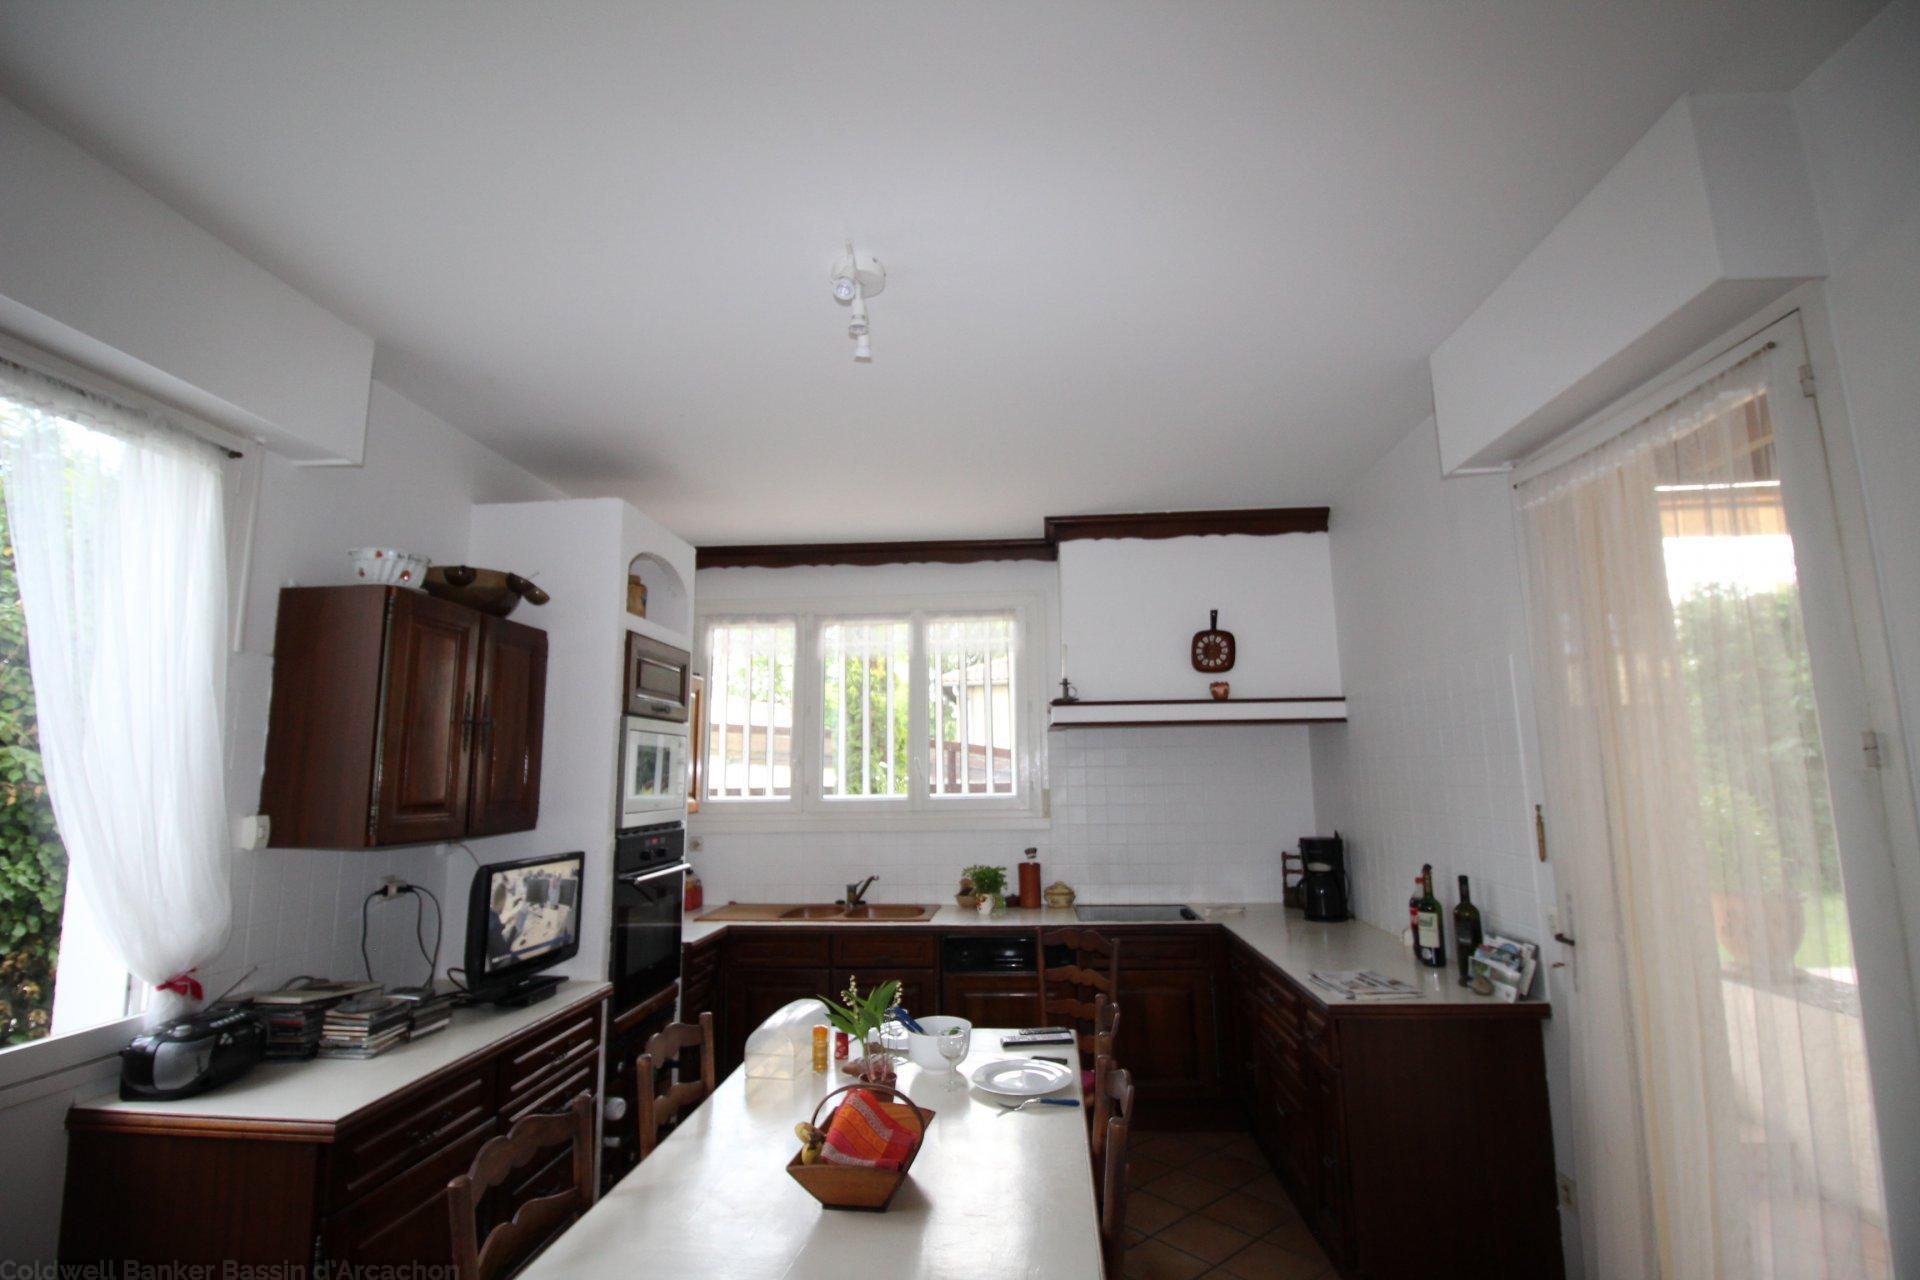 Achat maison 6 chambres 400 m2 avec jardin et piscine chauffée bordeaux caudéran